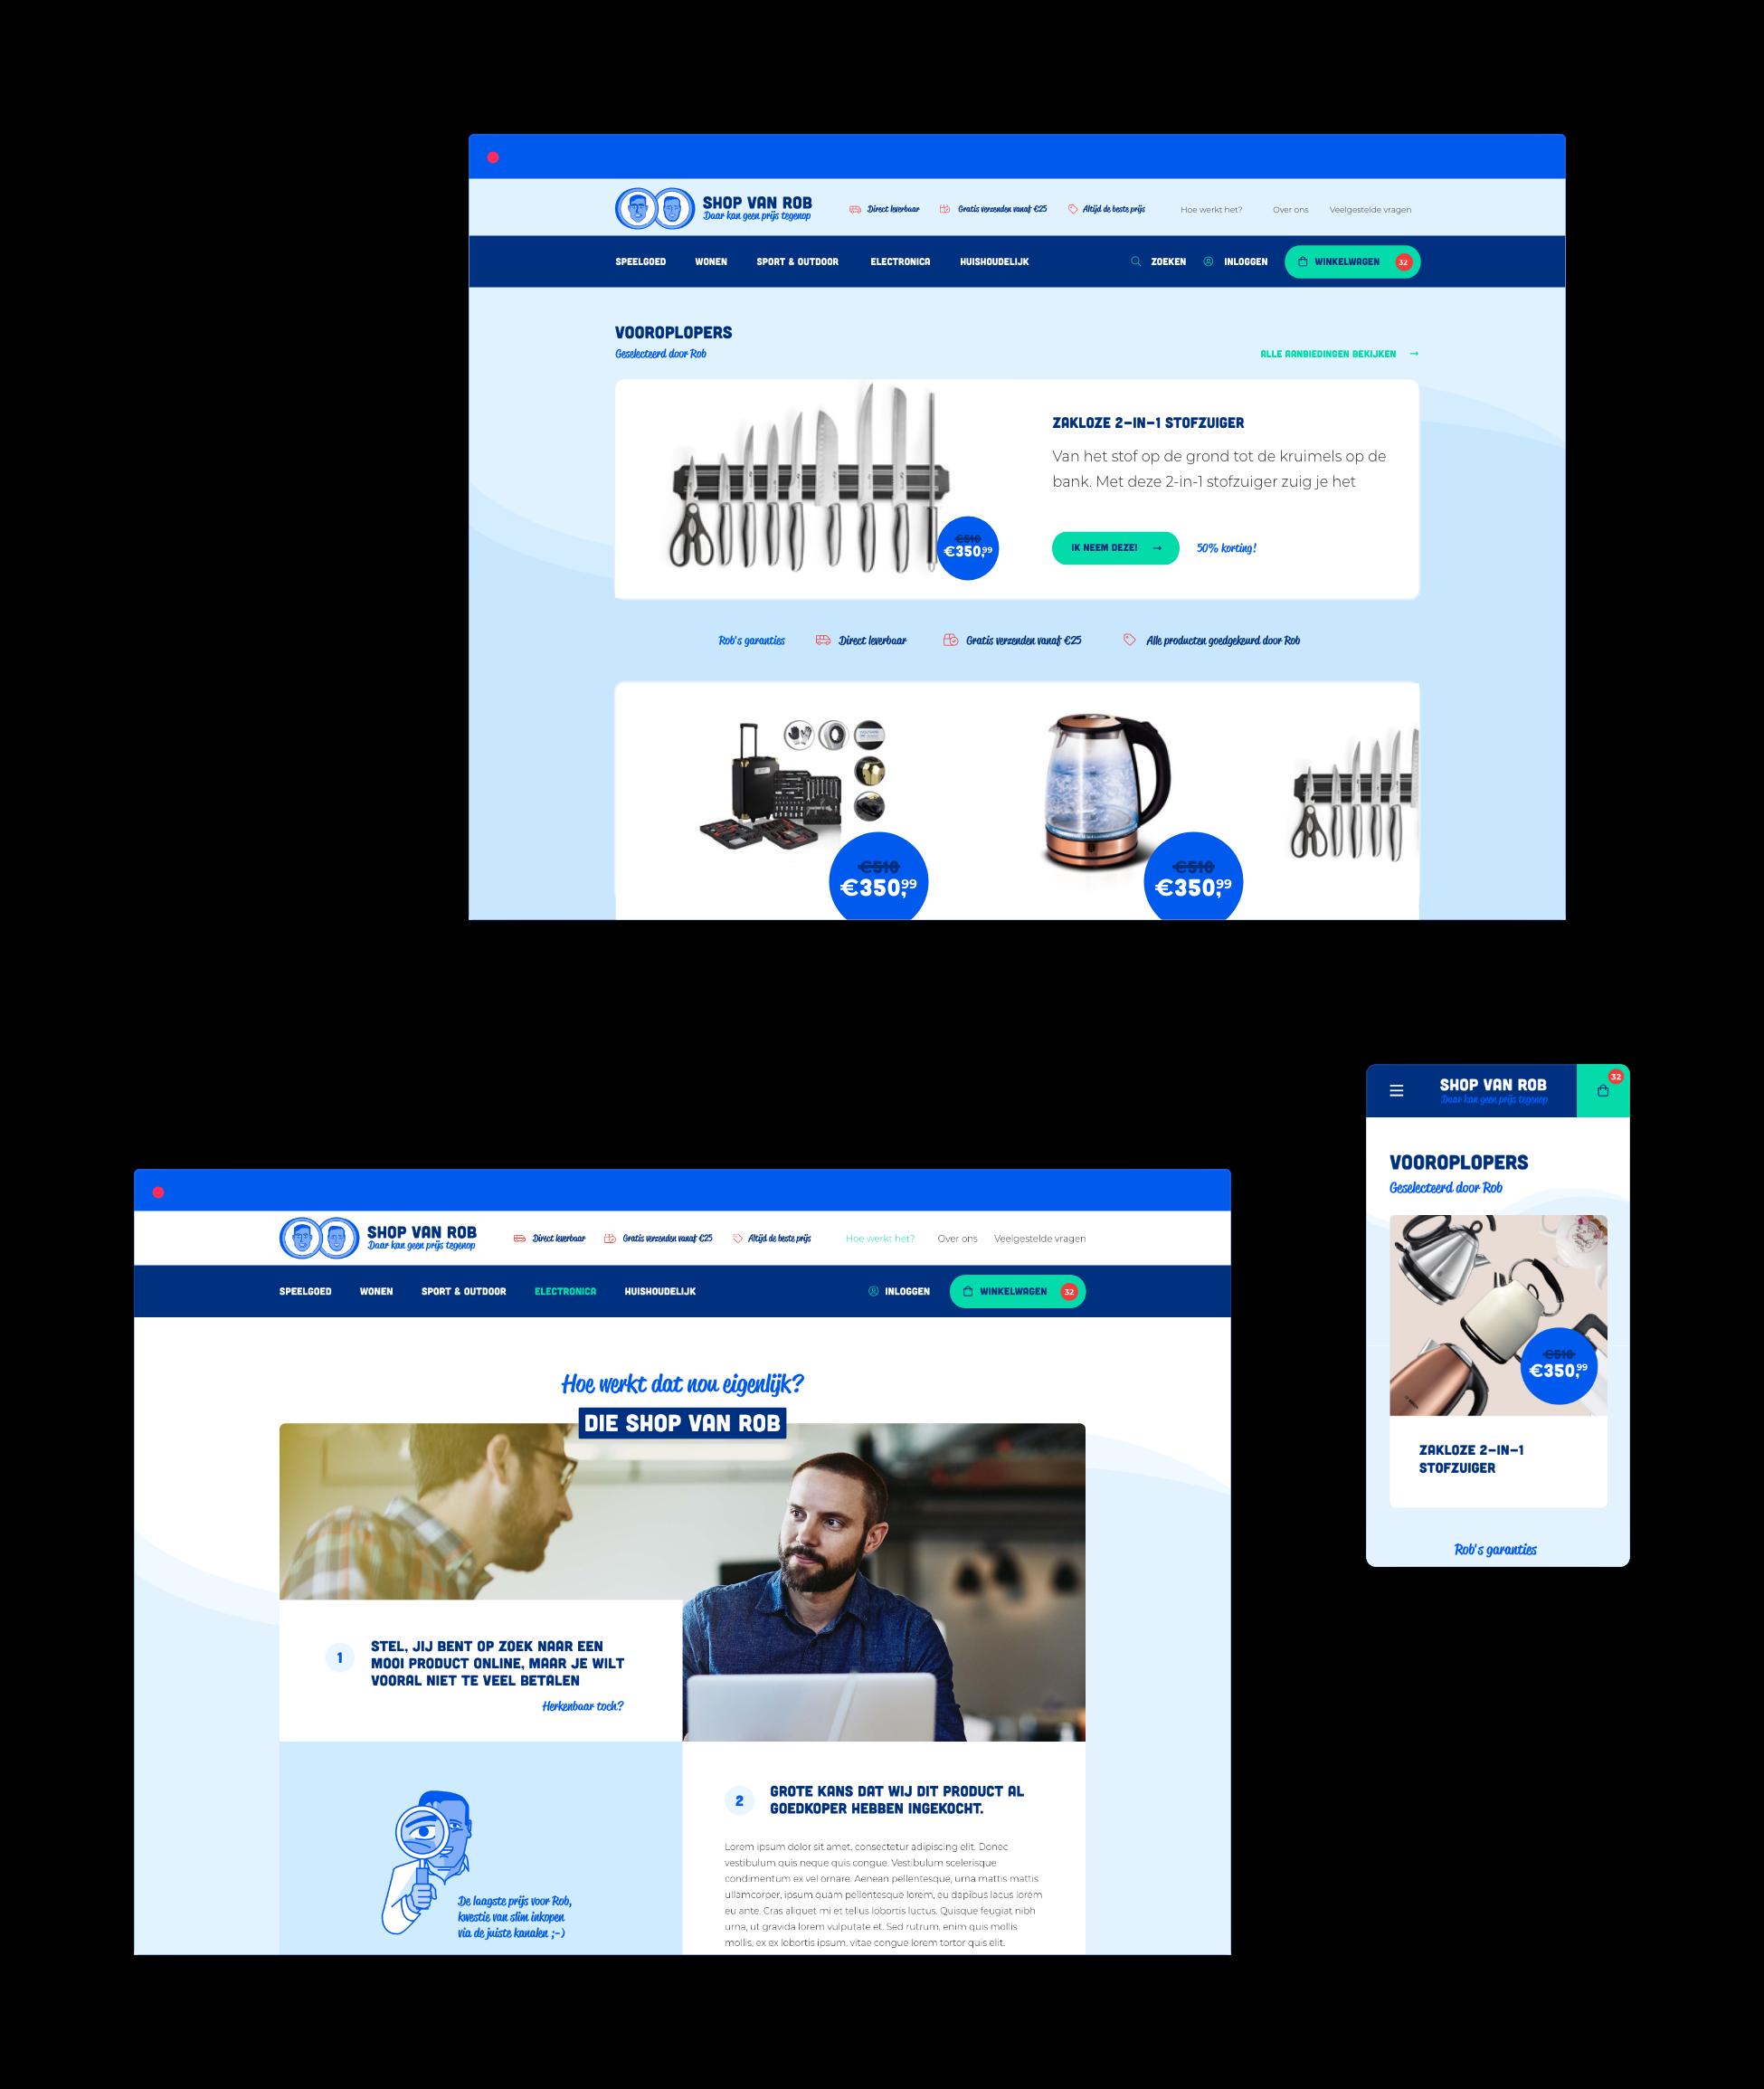 Maatwerk Webshop Shop van Rob